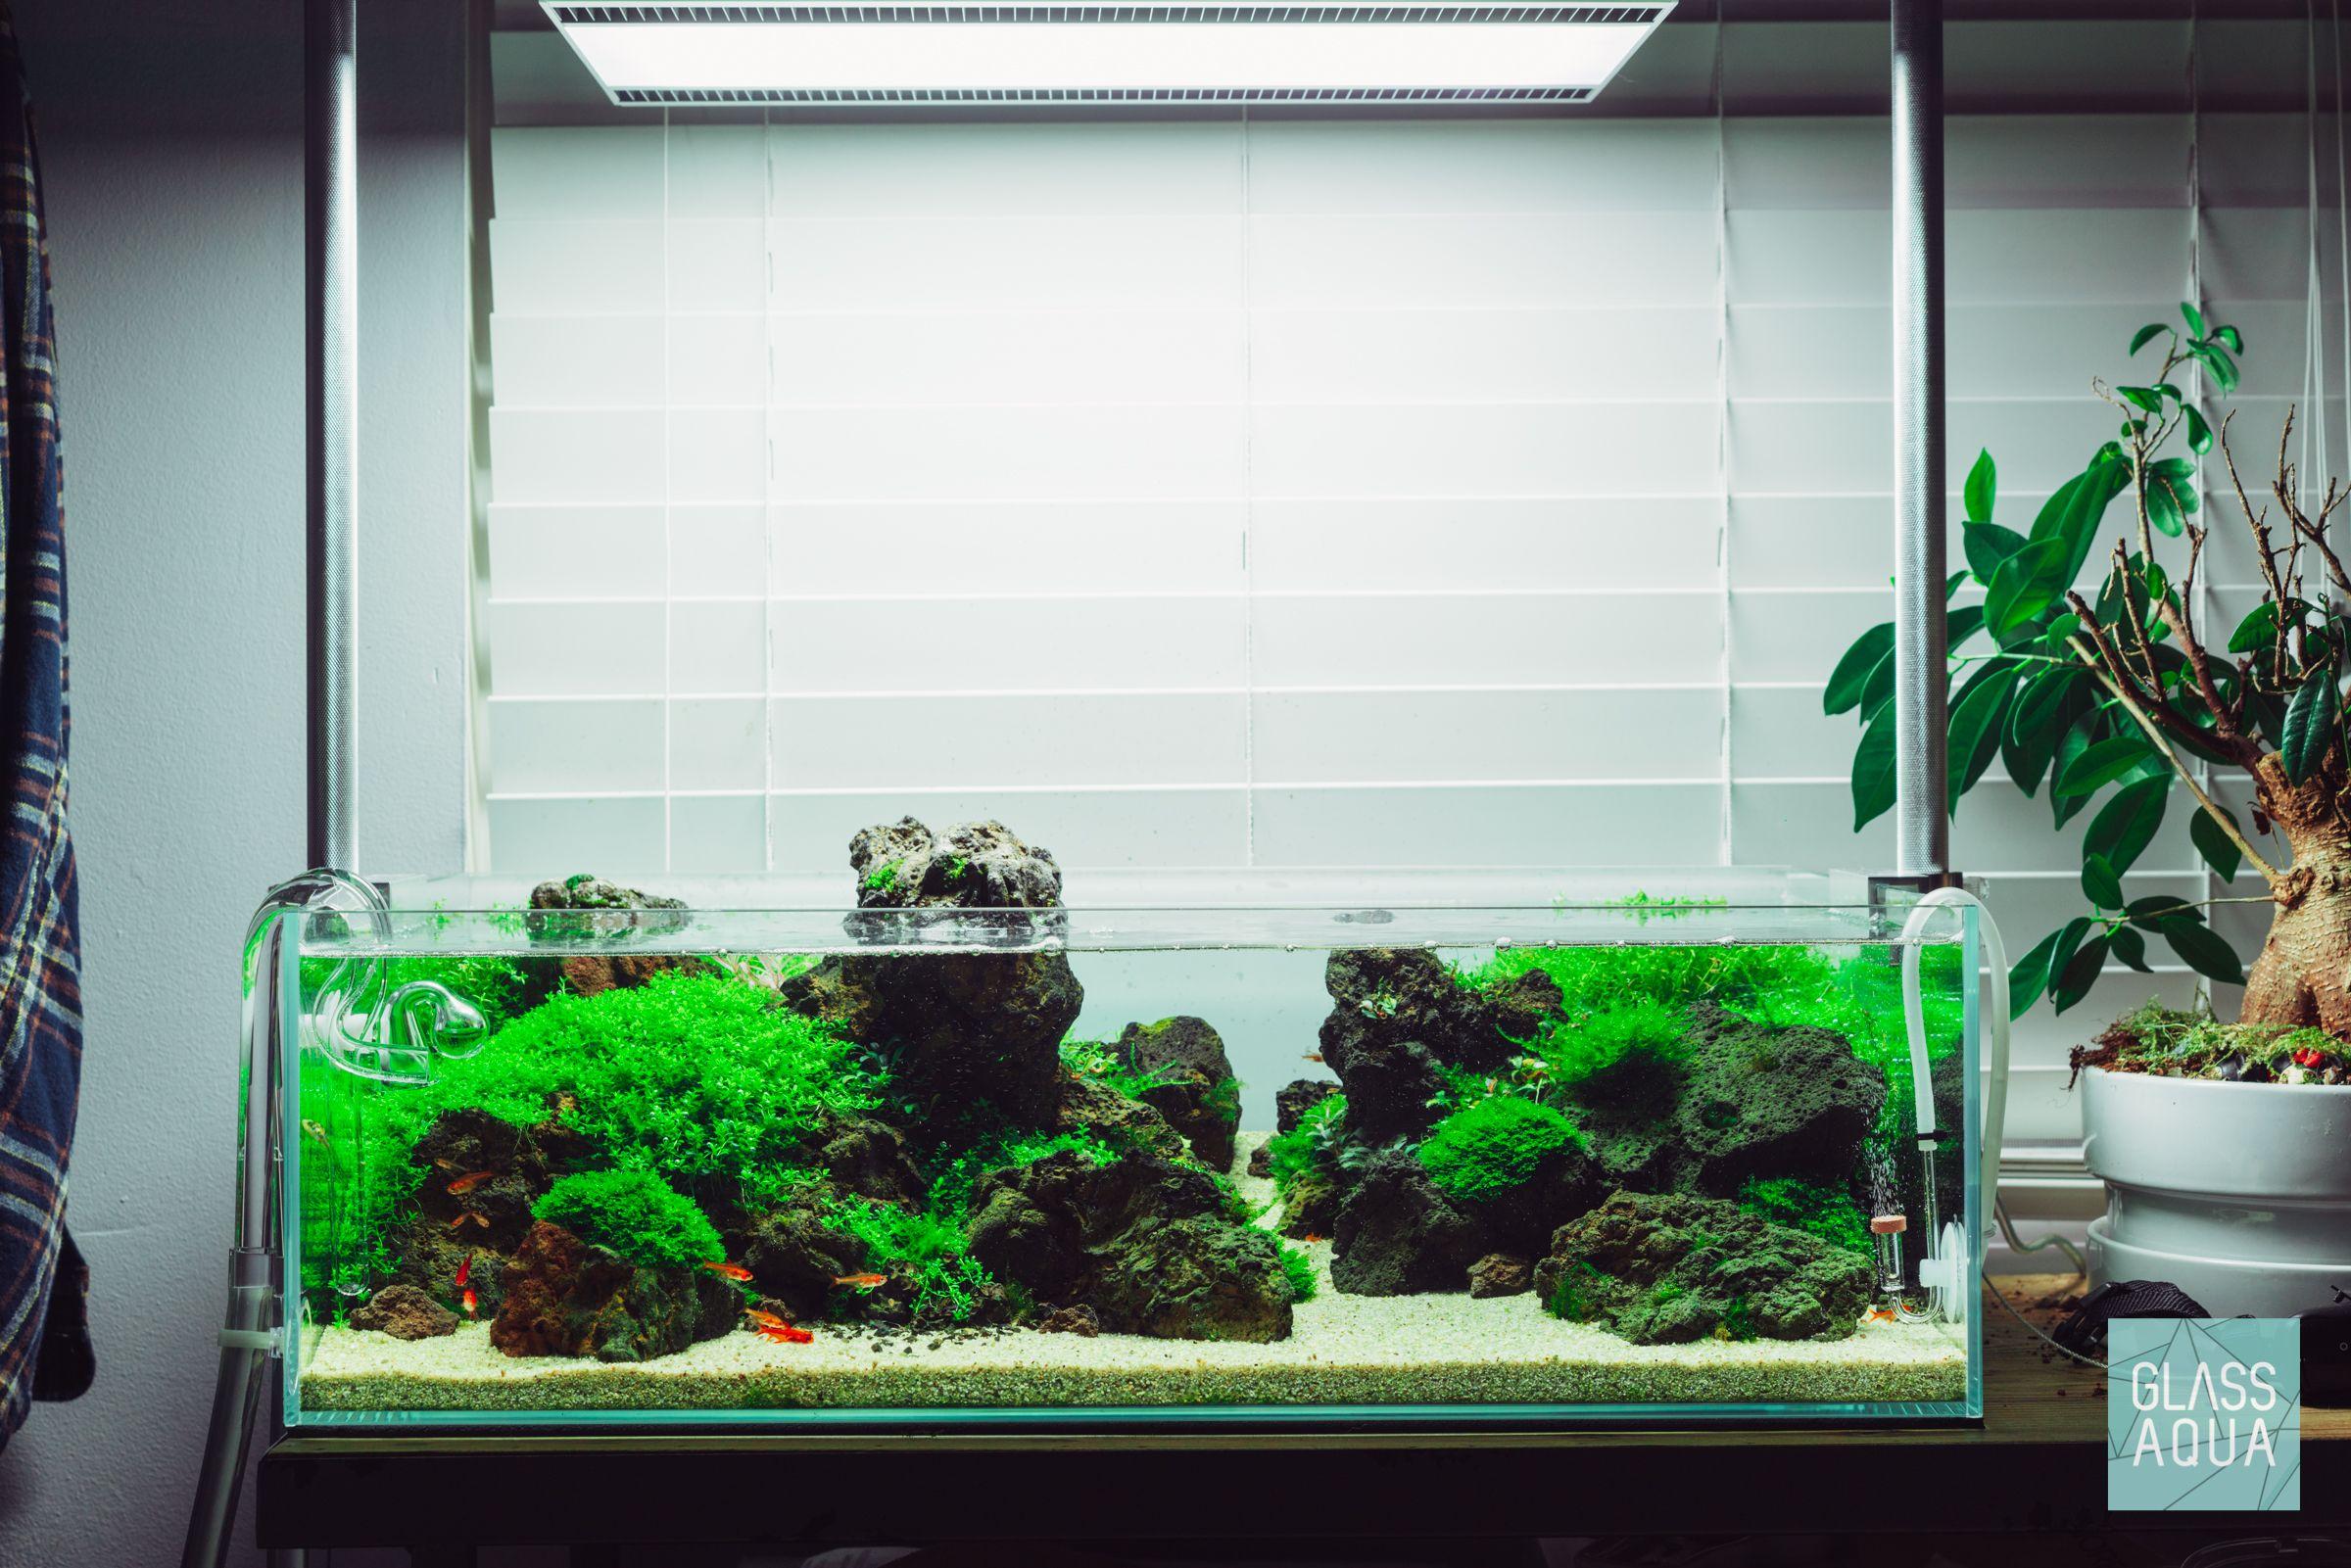 Tropic Islands Planted Aquarium Planted Aquarium Aquascape Design Aquarium